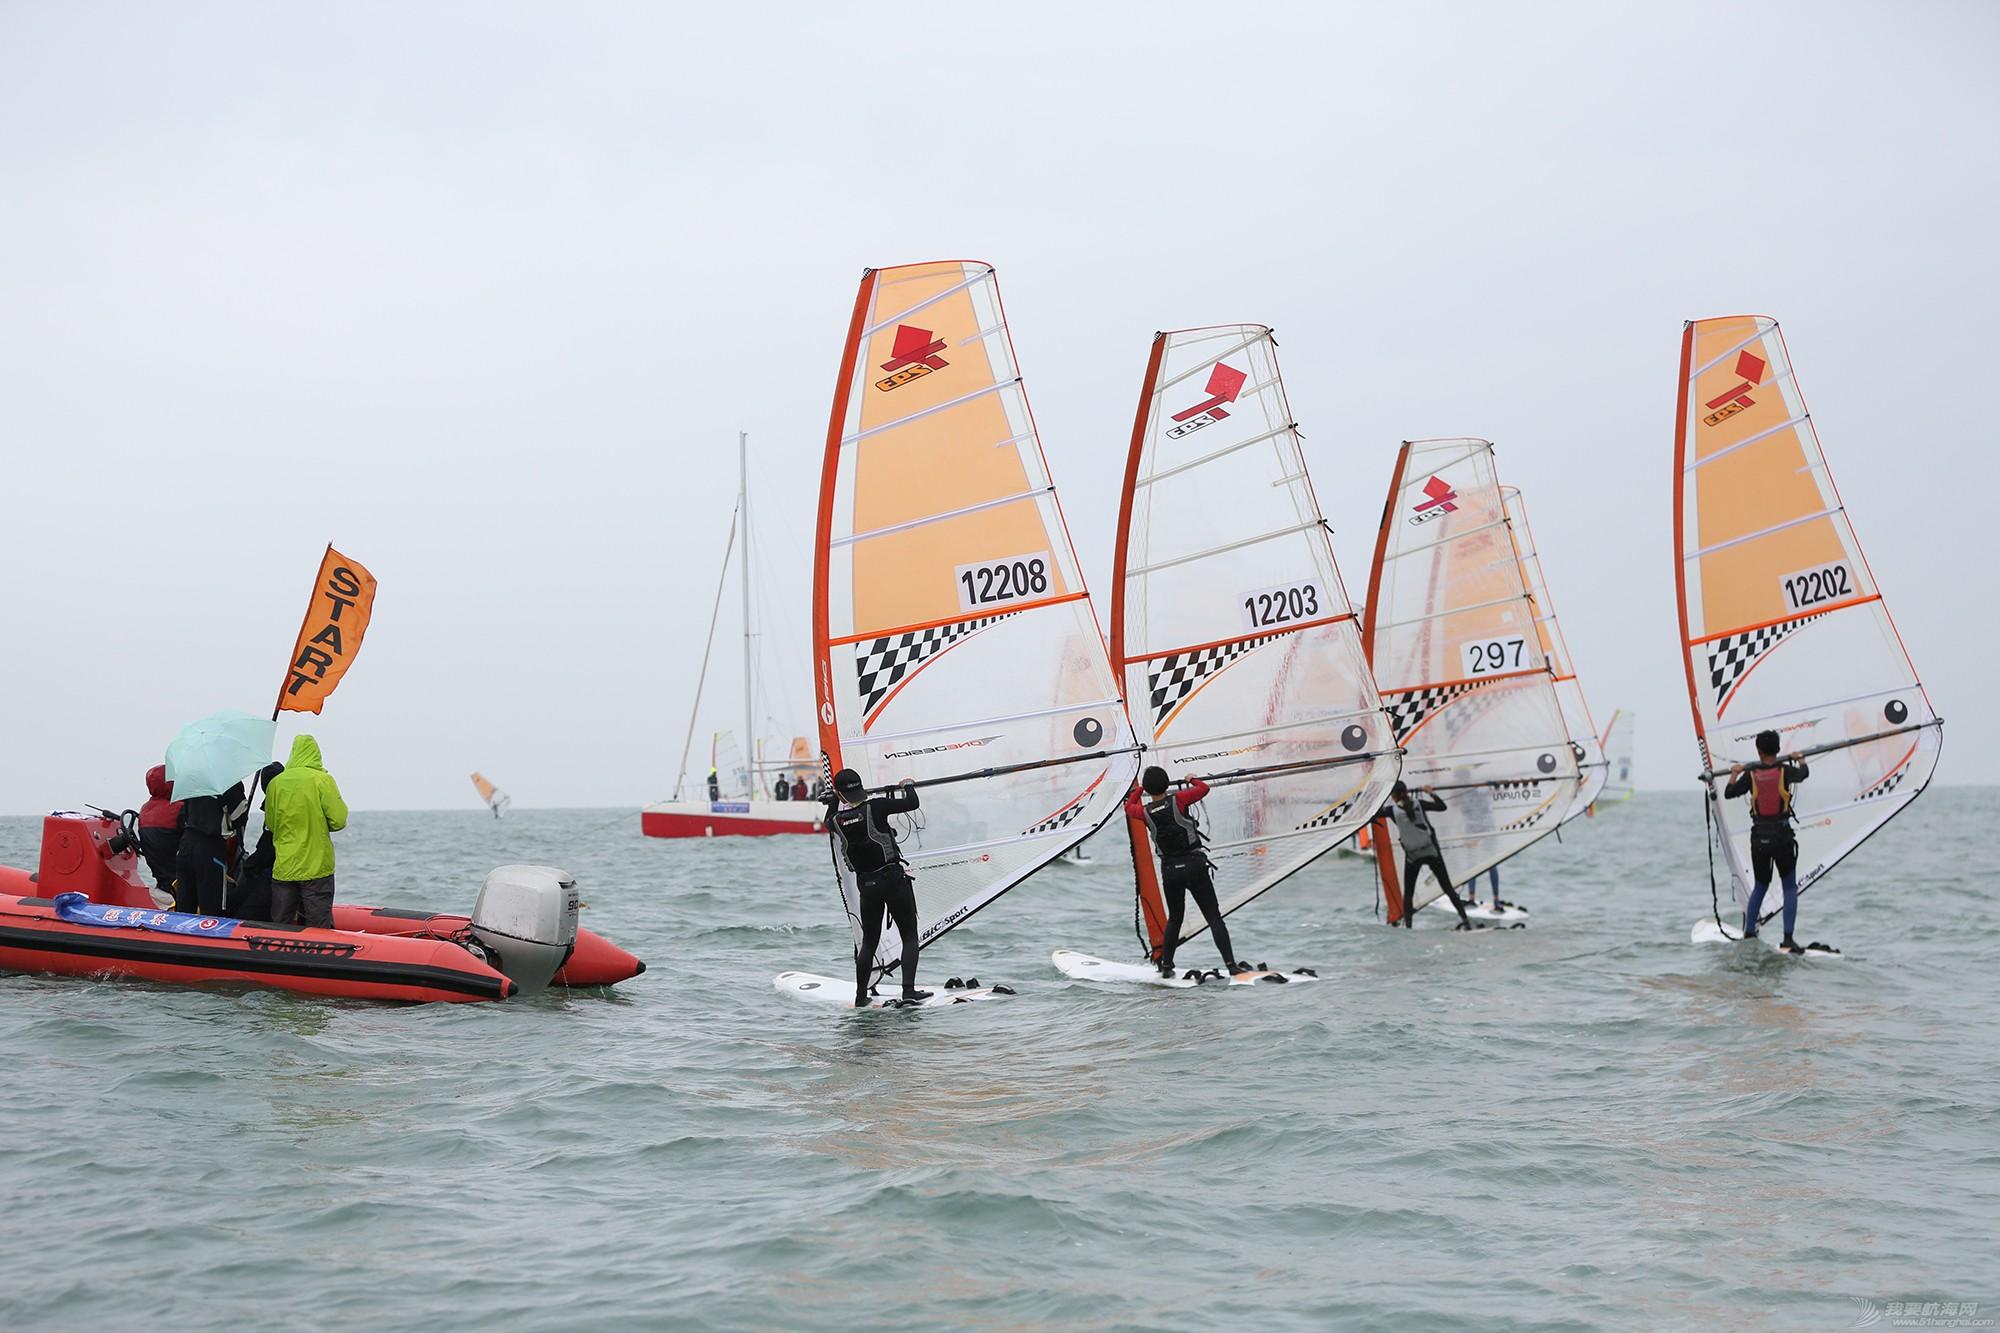 山东省,运动员,冠军赛,天气,帆板 风生水起,怎奈个个都是浪里白条——山东省帆船帆板冠军赛第二天赛况 5V8A1938副本.jpg